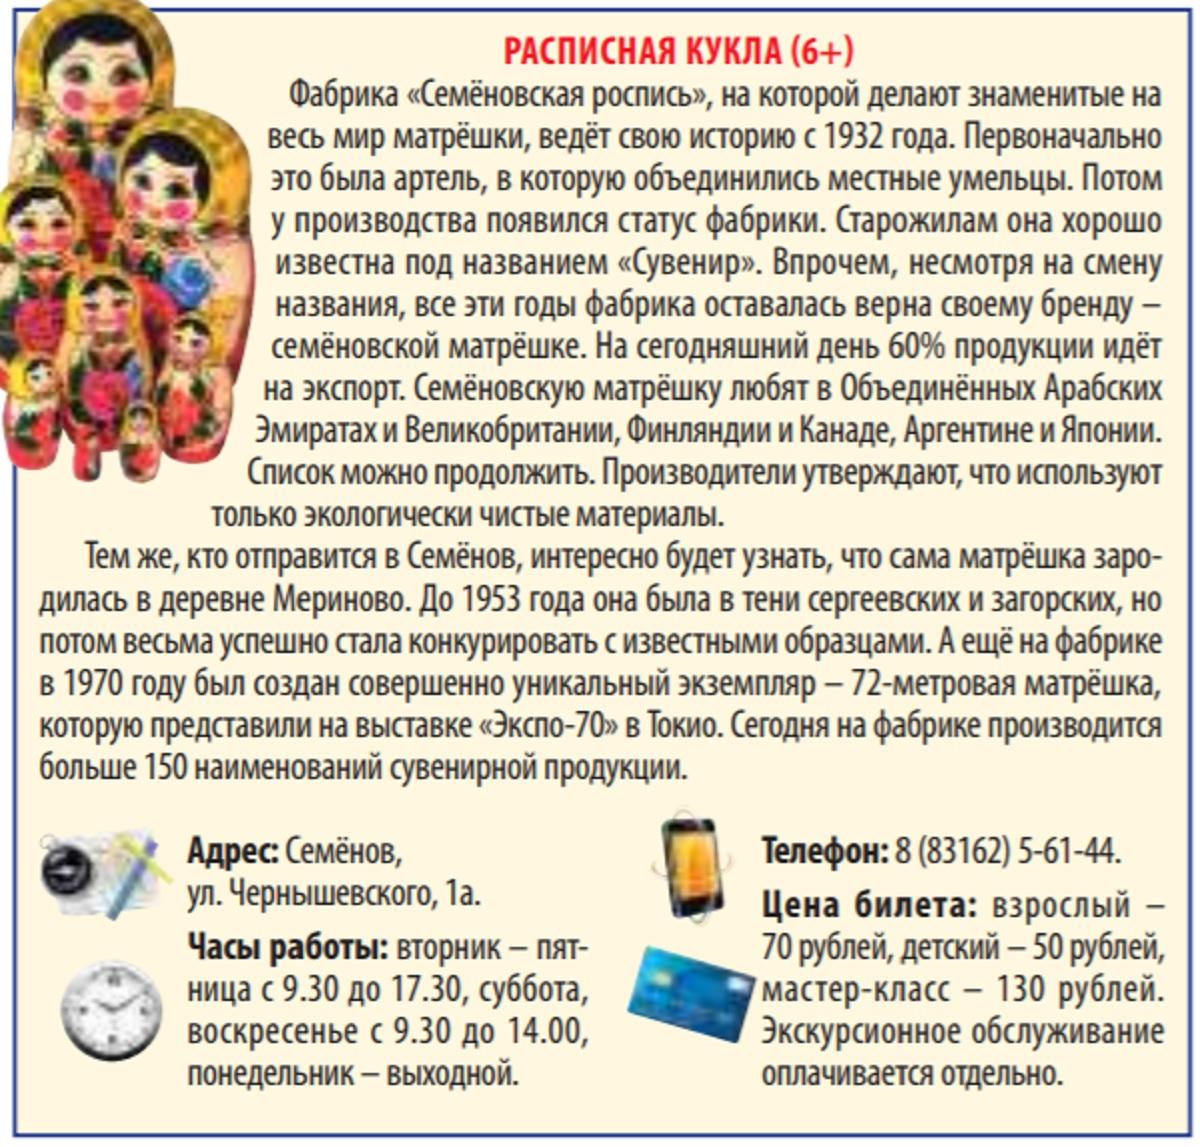 семеновская роспись